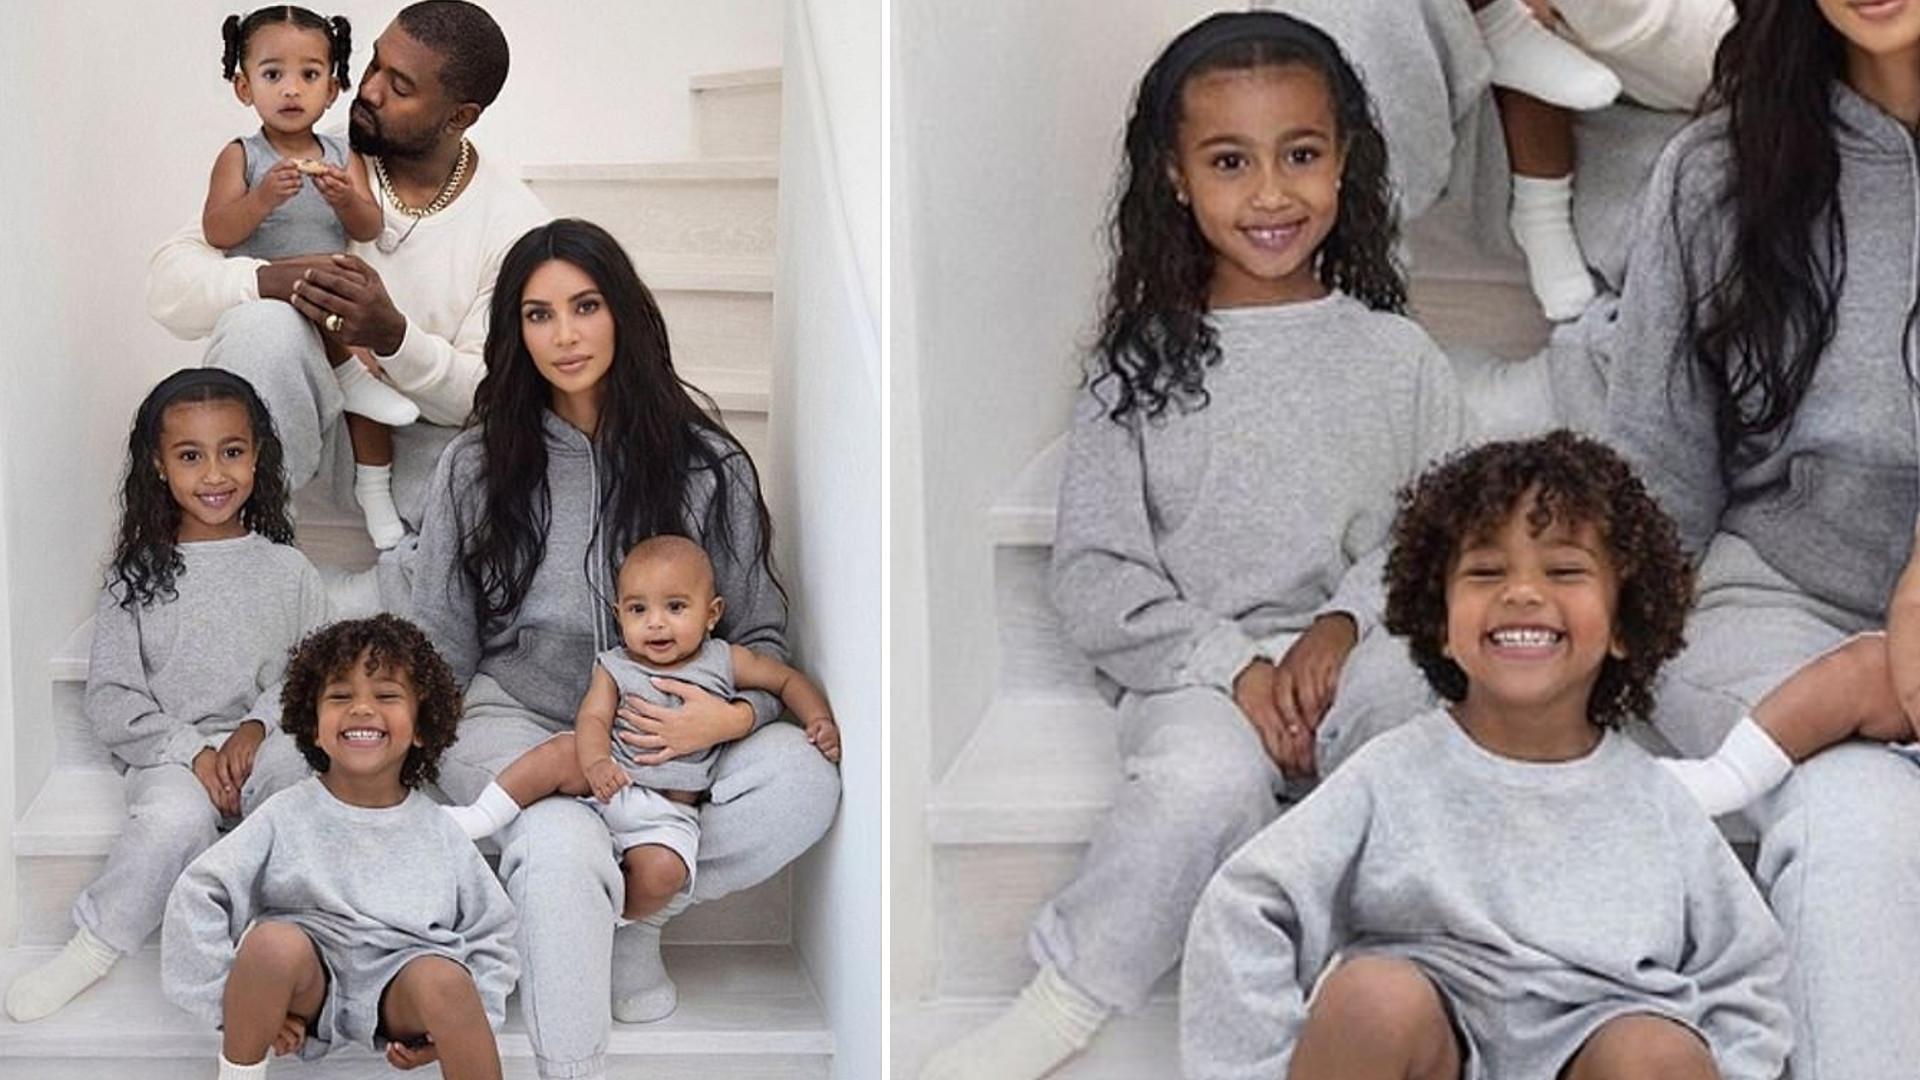 Kim Kardashian przyznała, że sfotoszopowała North na świątecznym zdjęciu rodziny